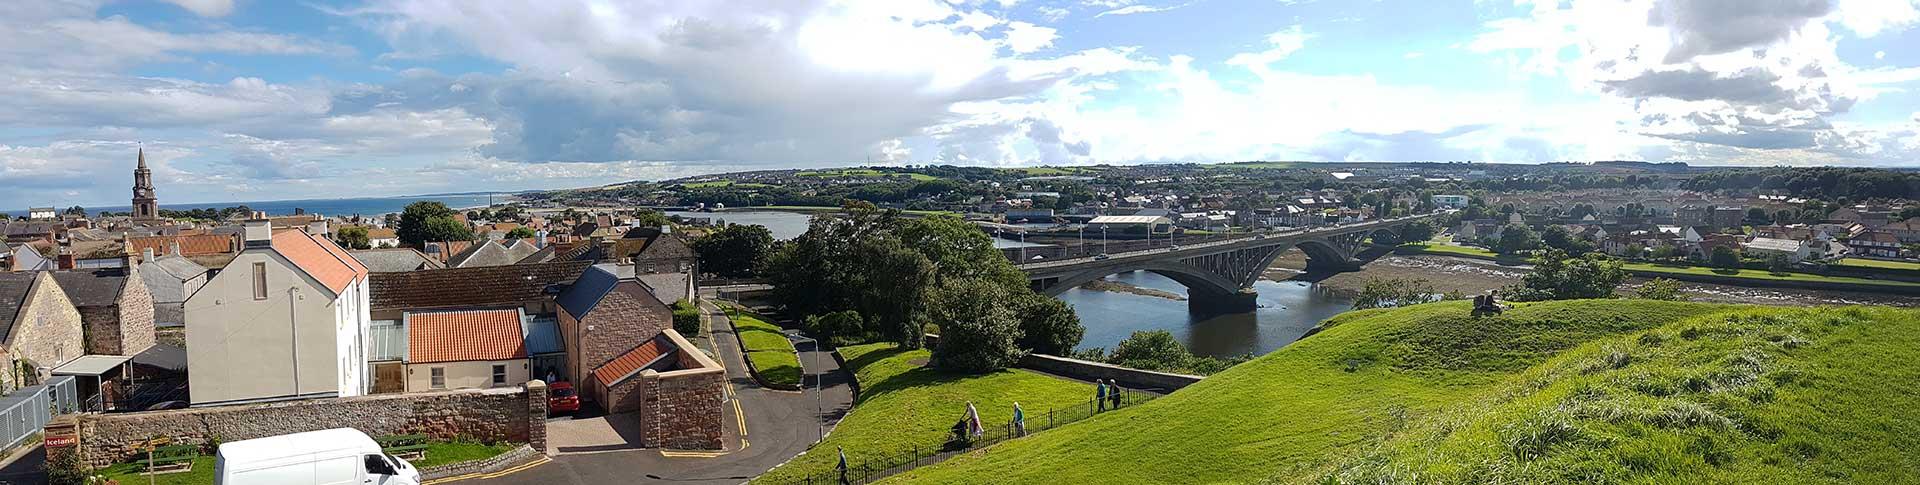 Blick über Berwick, Tweed und den Hafen